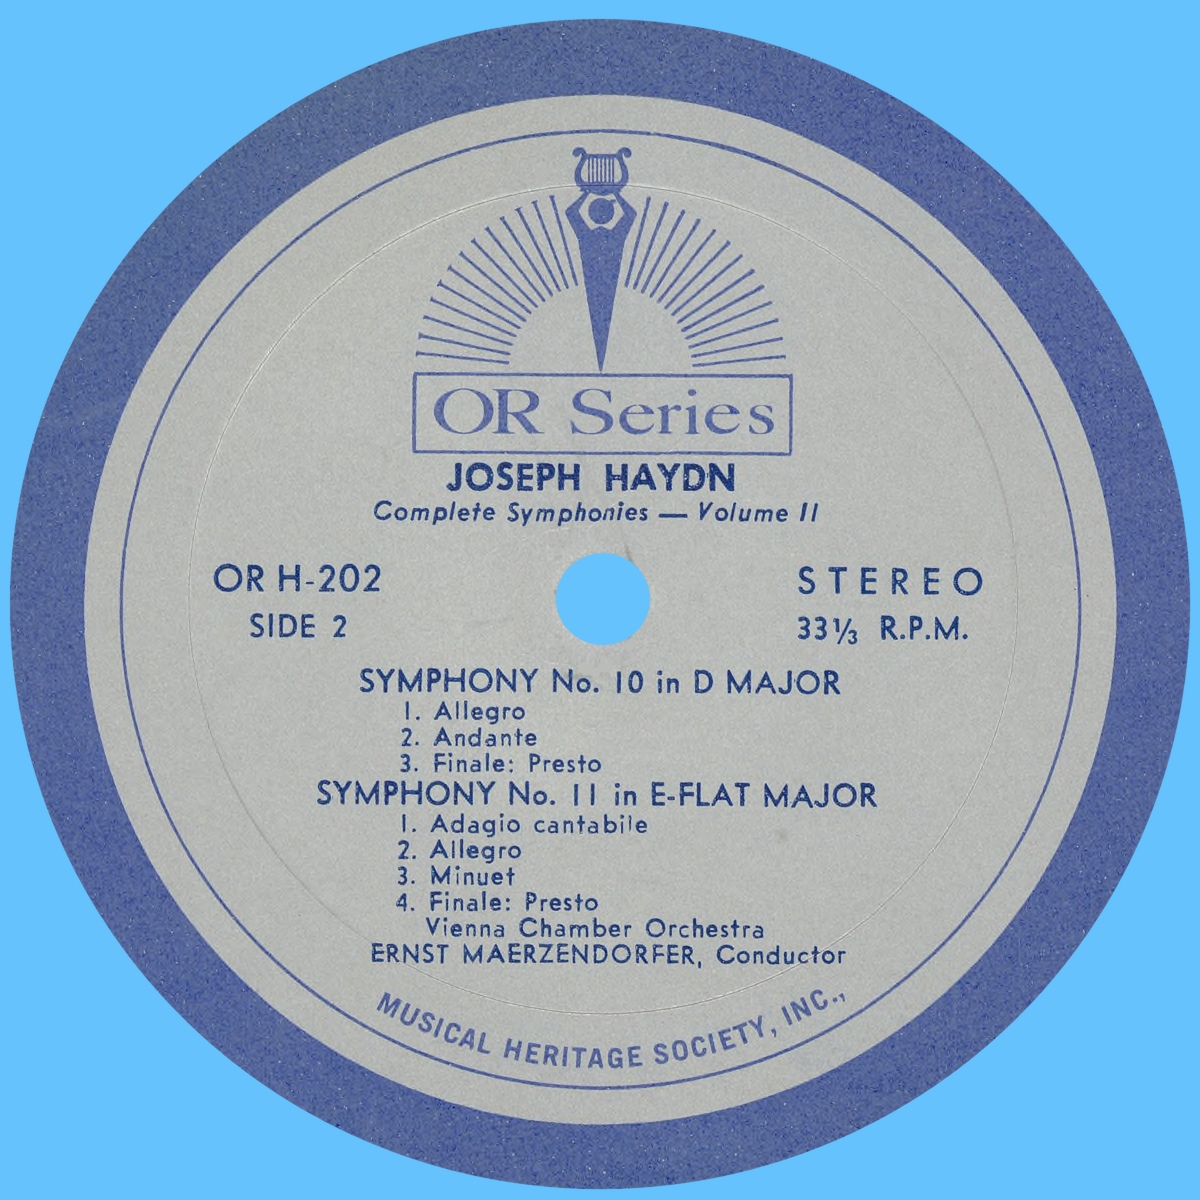 Étiquette verso du disque MHS Orpheus OR H-202